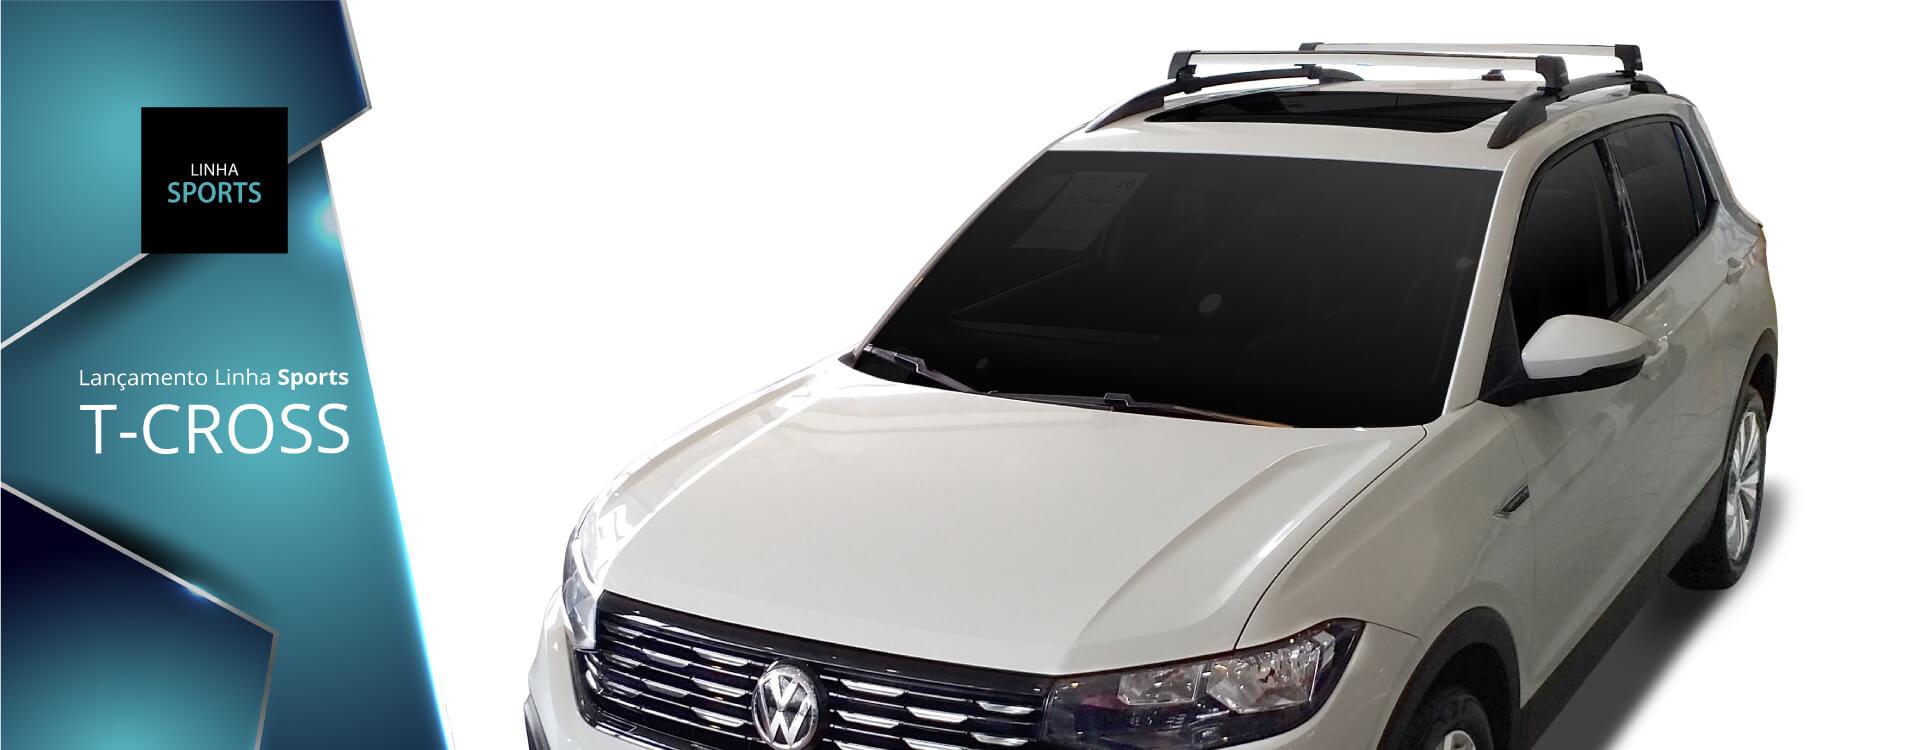 Rack Lançamento linha sports para o modelo de carro T-Cross